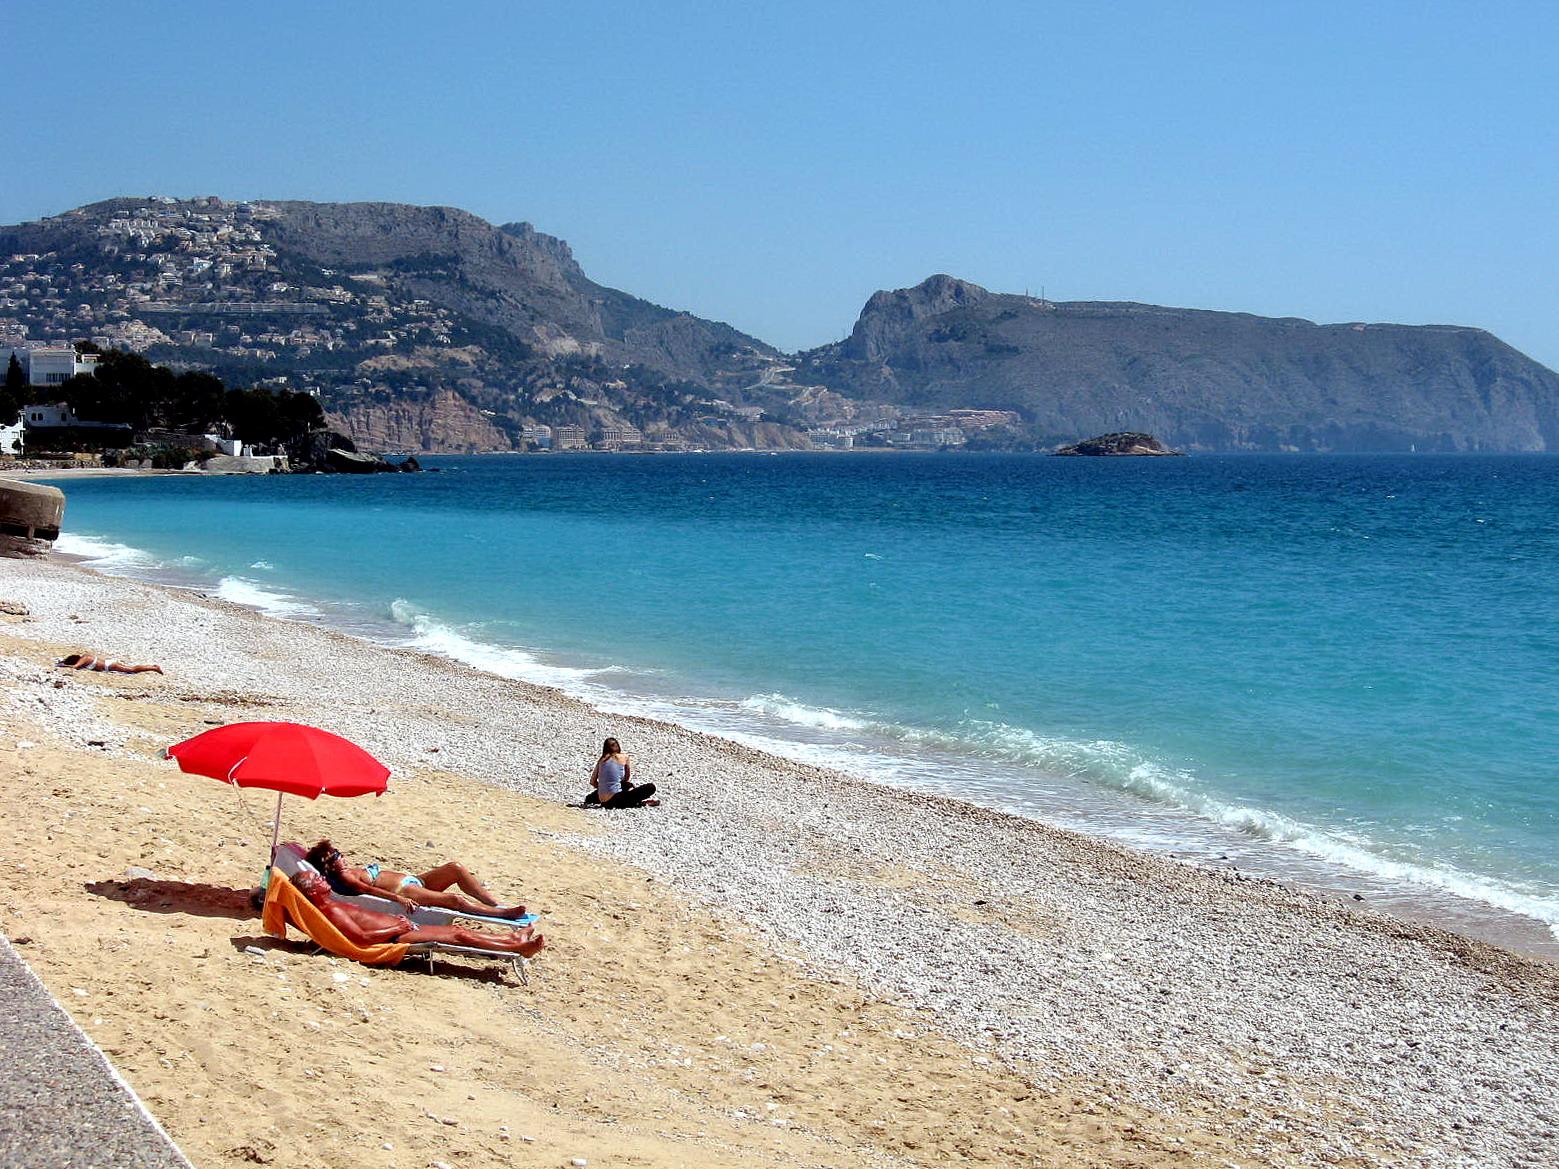 Playa El Soyo